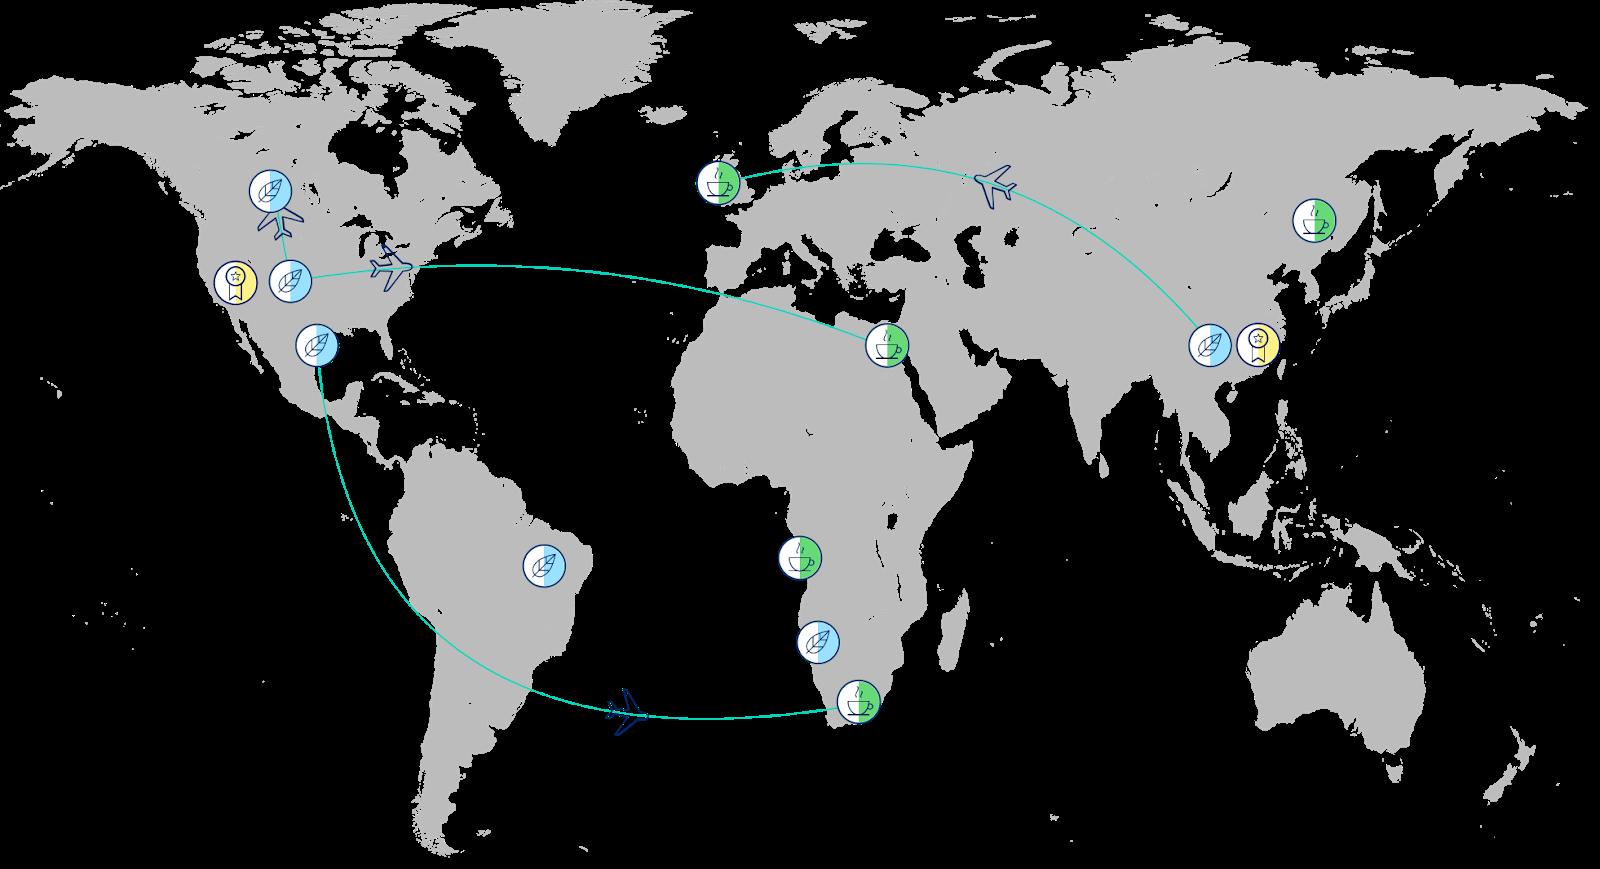 栽培者を表すコーヒー豆、運送会社を表す飛行機、購入者を表すコーヒーカップのアイコンとそれらが線でつながれた世界地図。